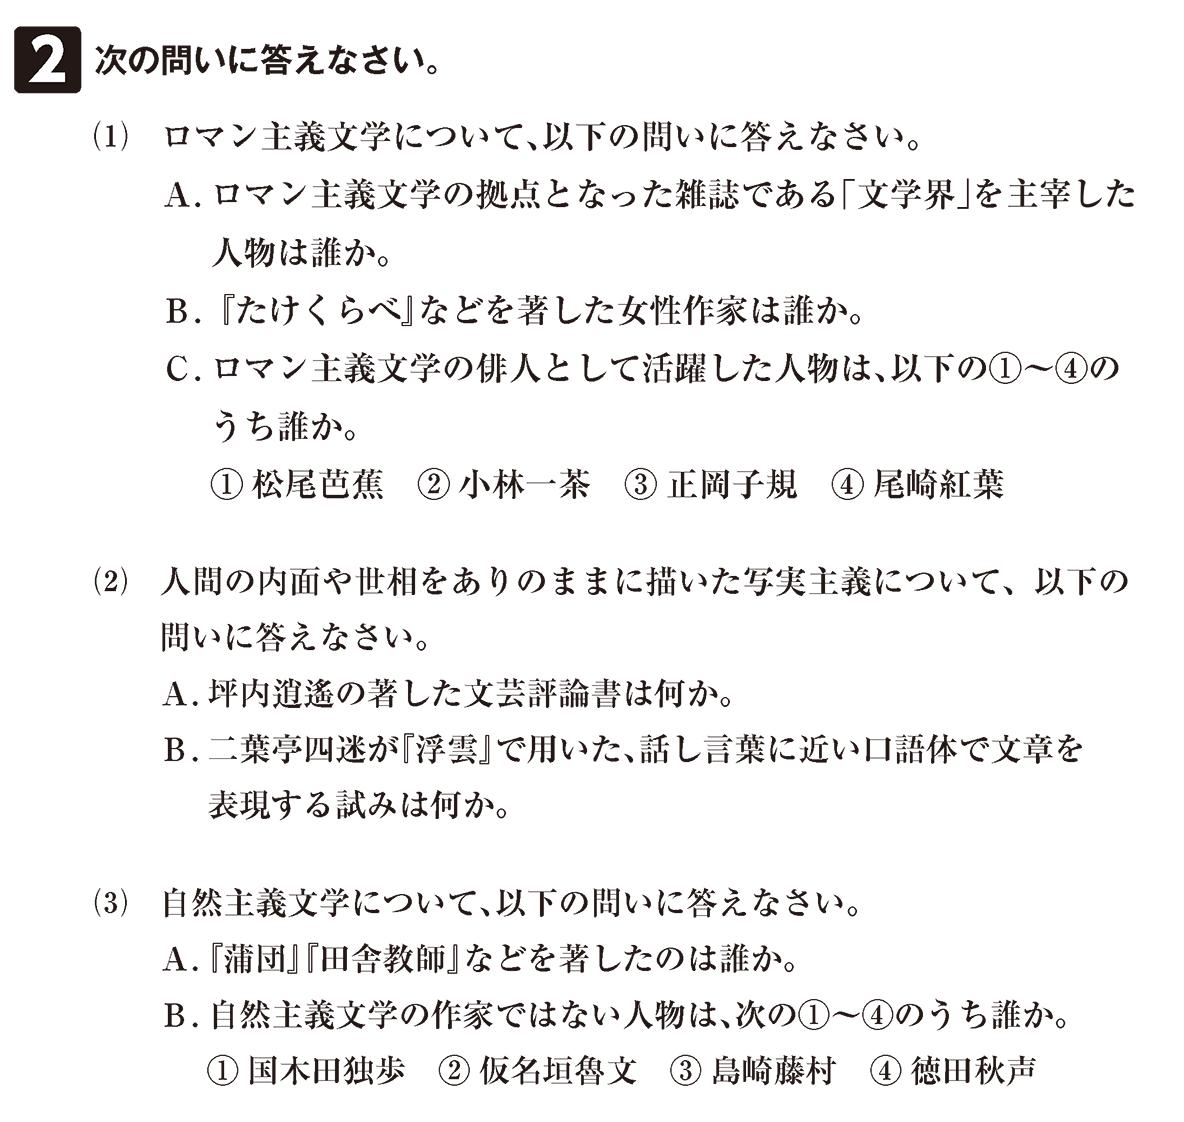 近現代の文化18 問題2 問題